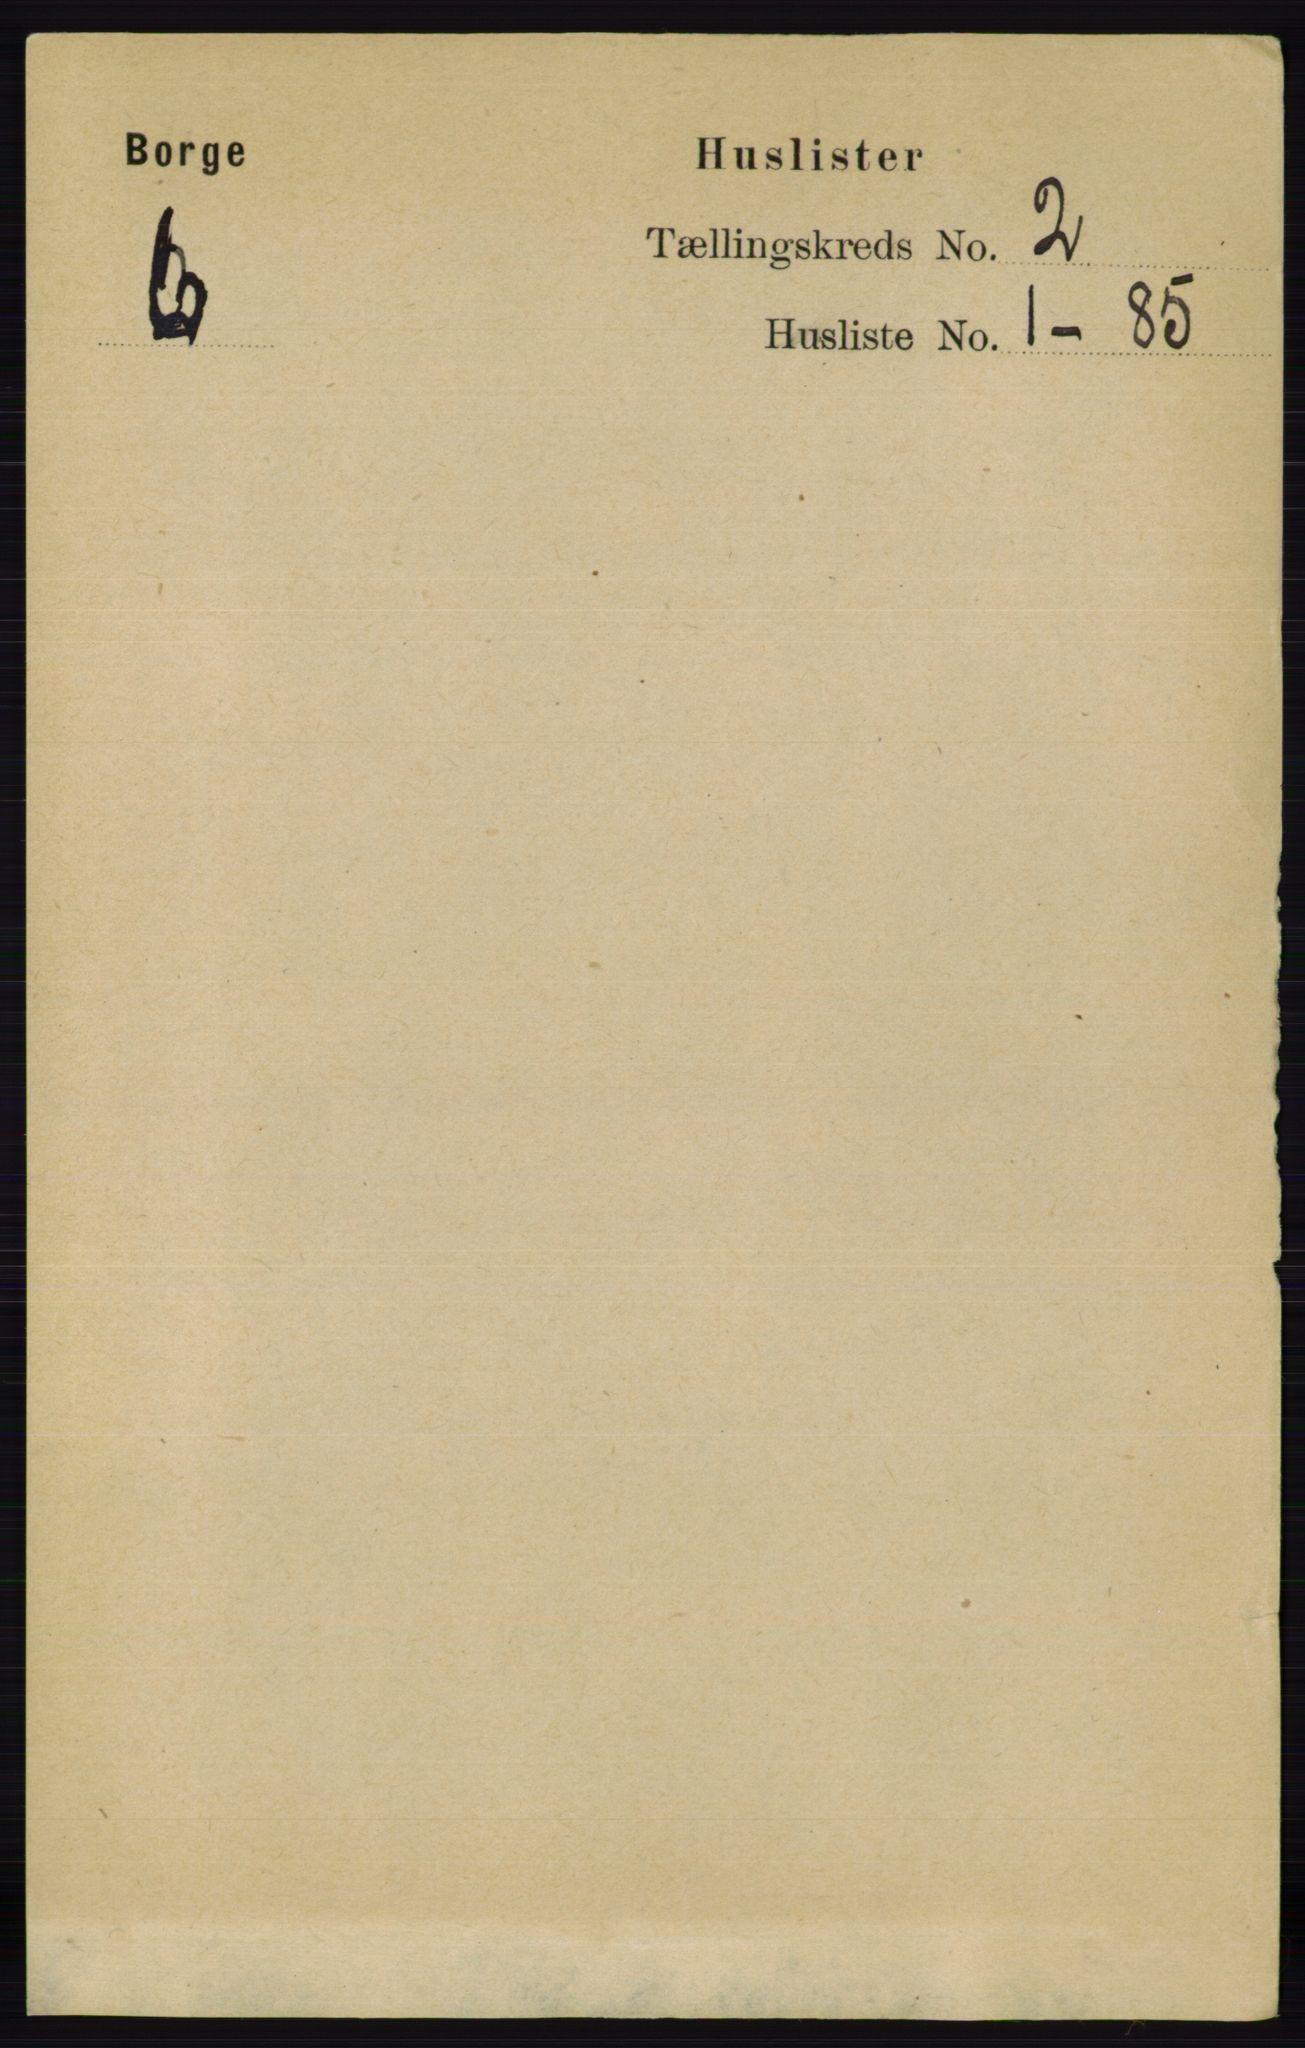 RA, Folketelling 1891 for 0113 Borge herred, 1891, s. 735